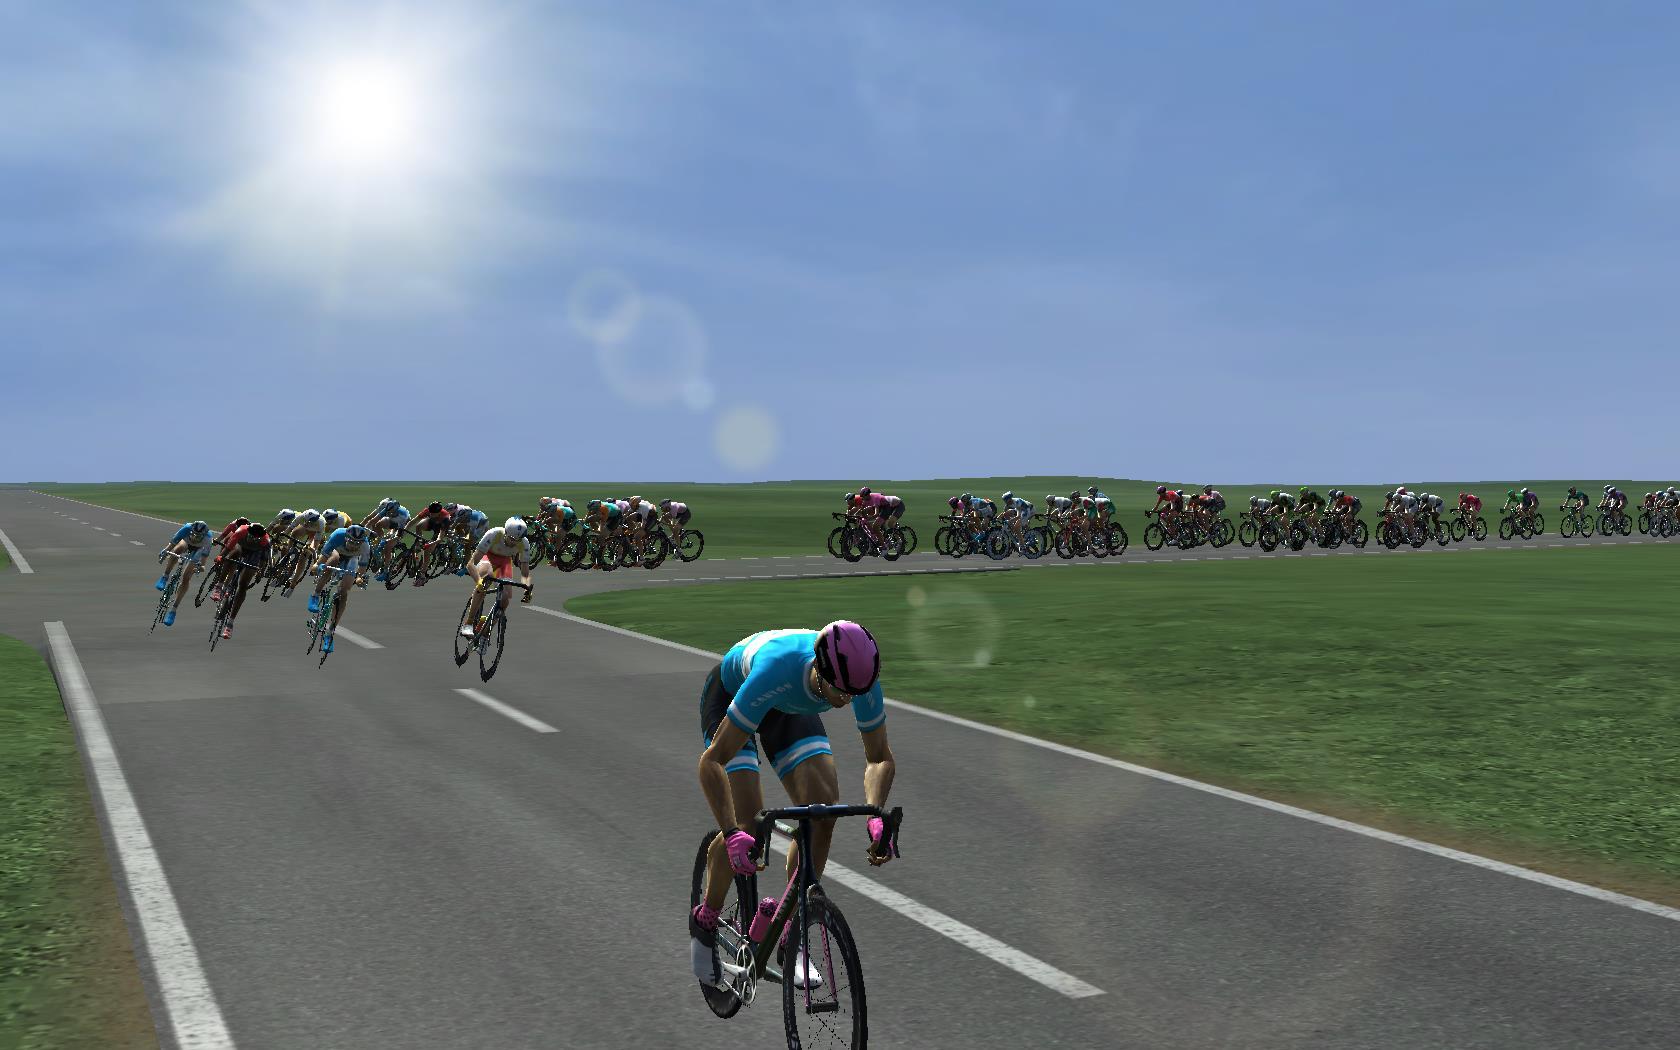 pcmdaily.com/images/mg/2018/Races/C2HC/ParisTours/PCM0010.jpg